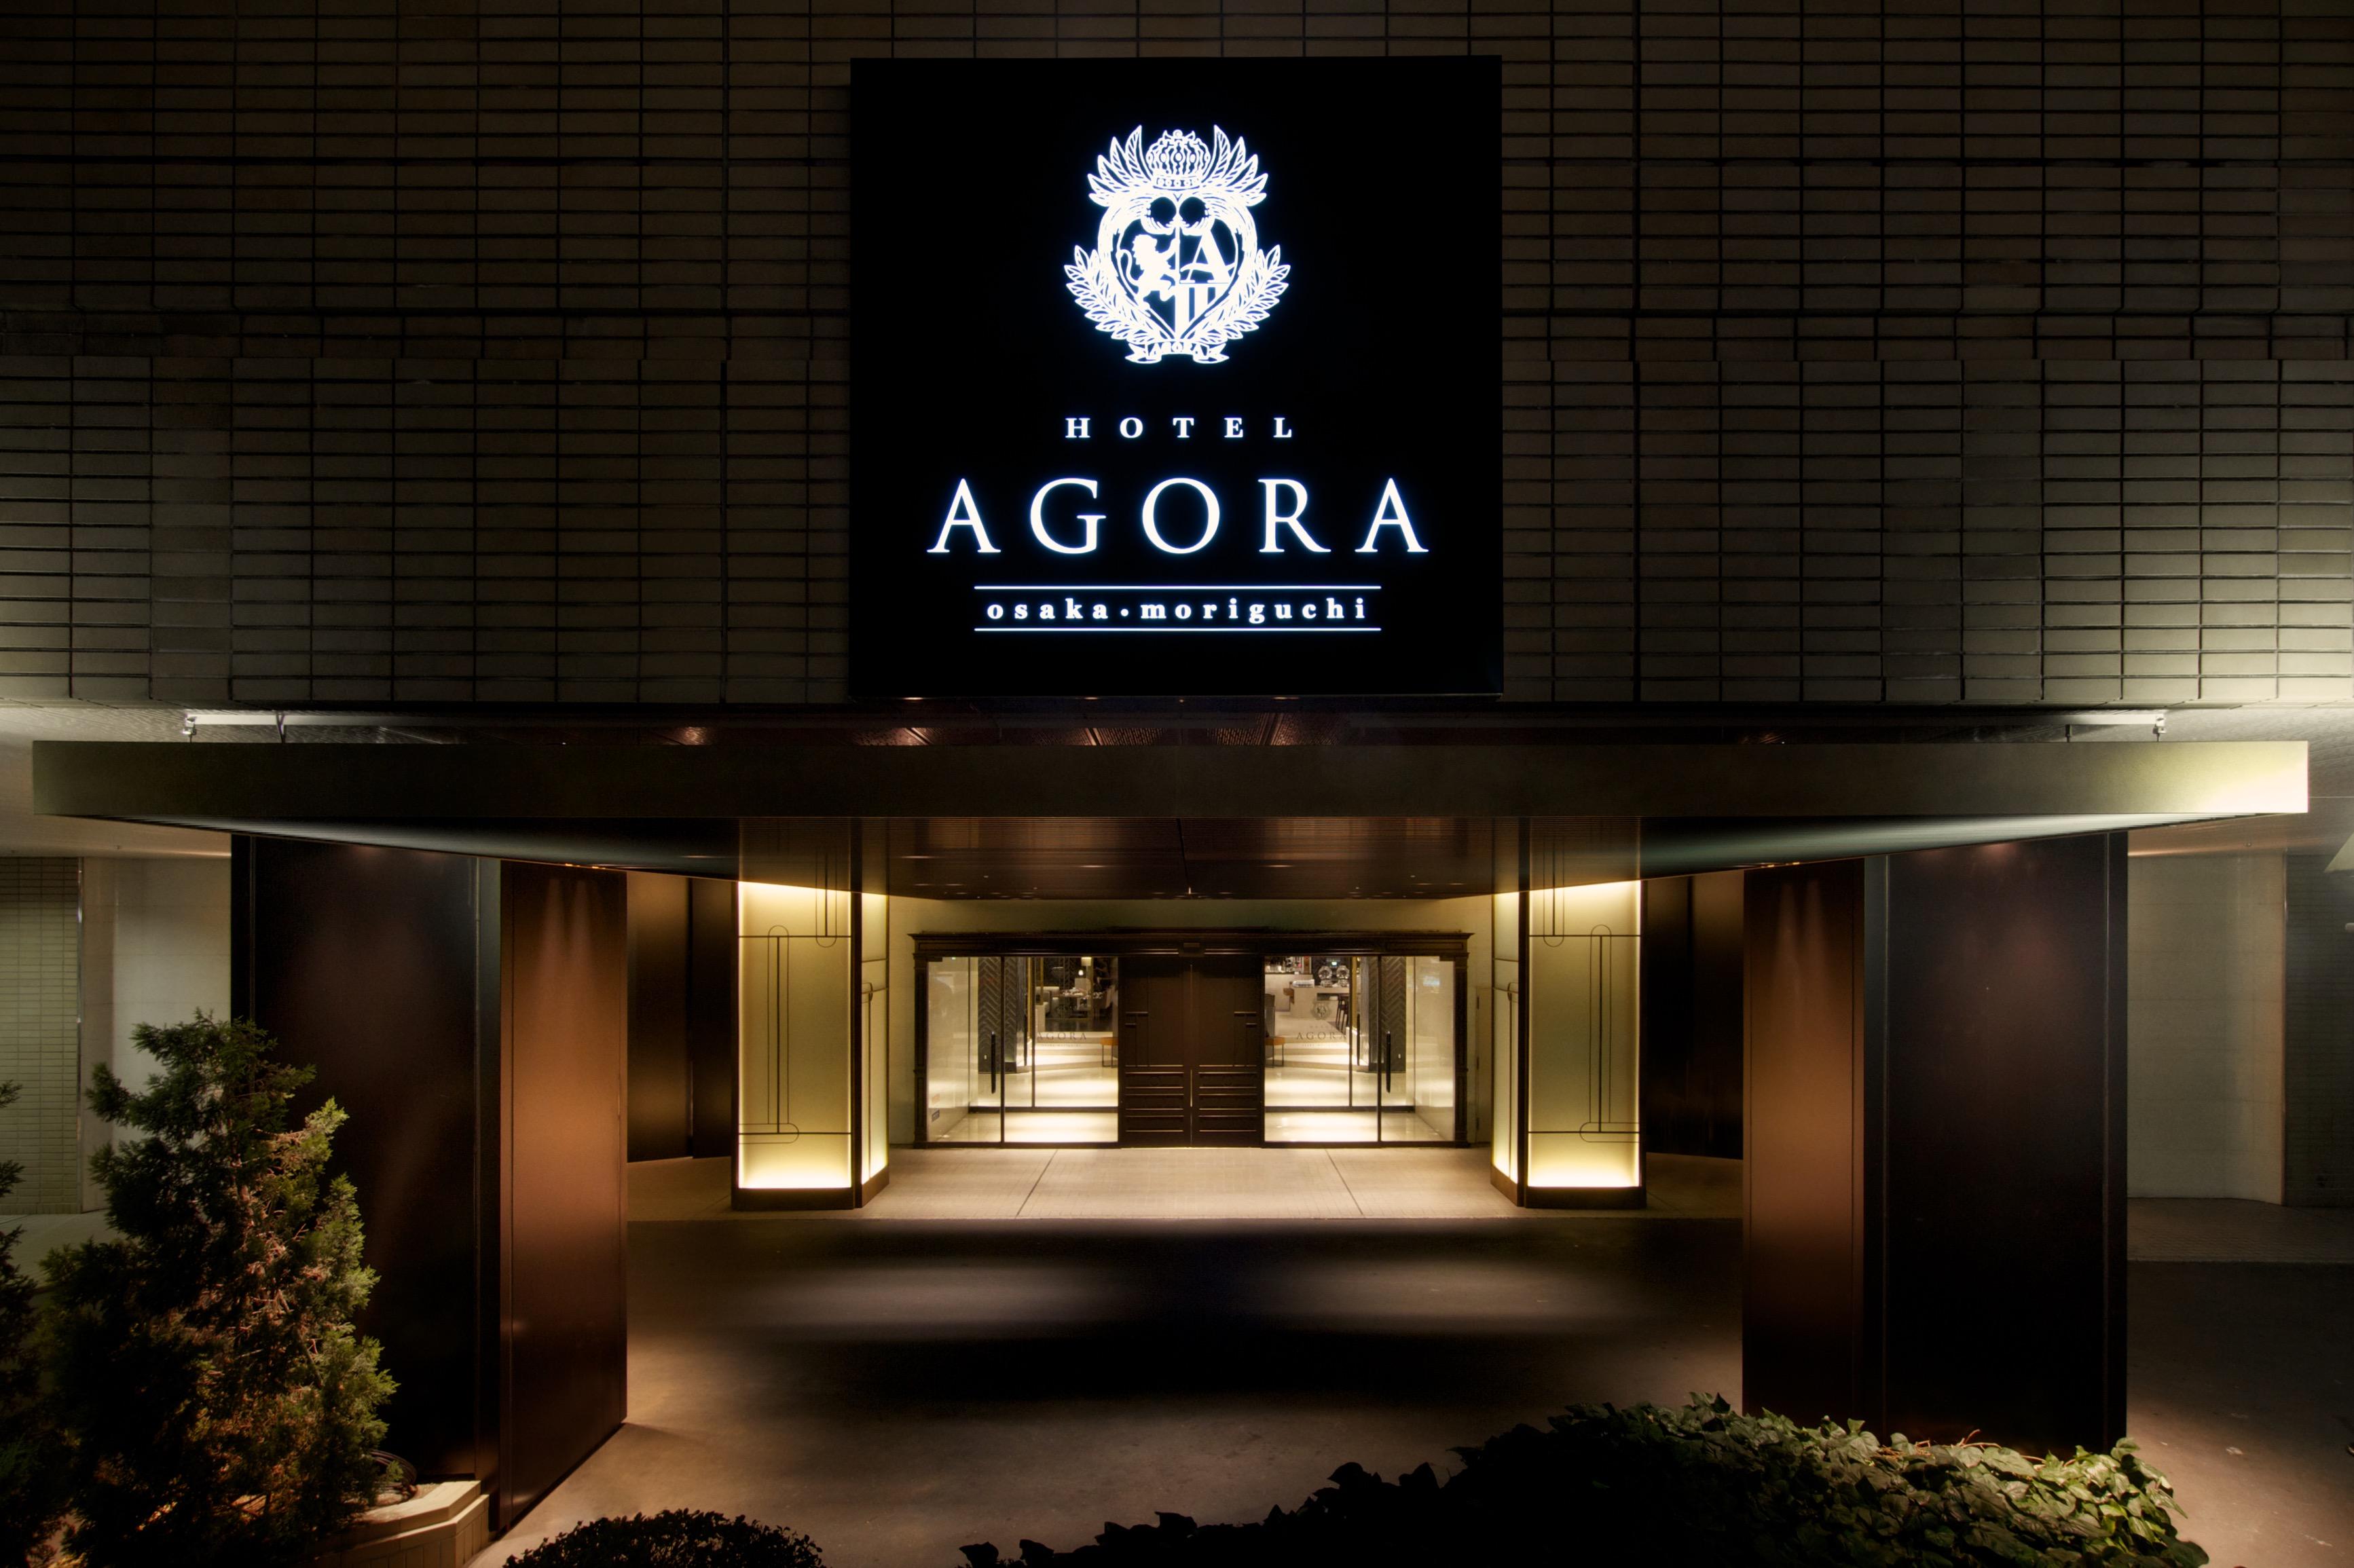 ホテル・アゴーラ大阪守口会場写真 6